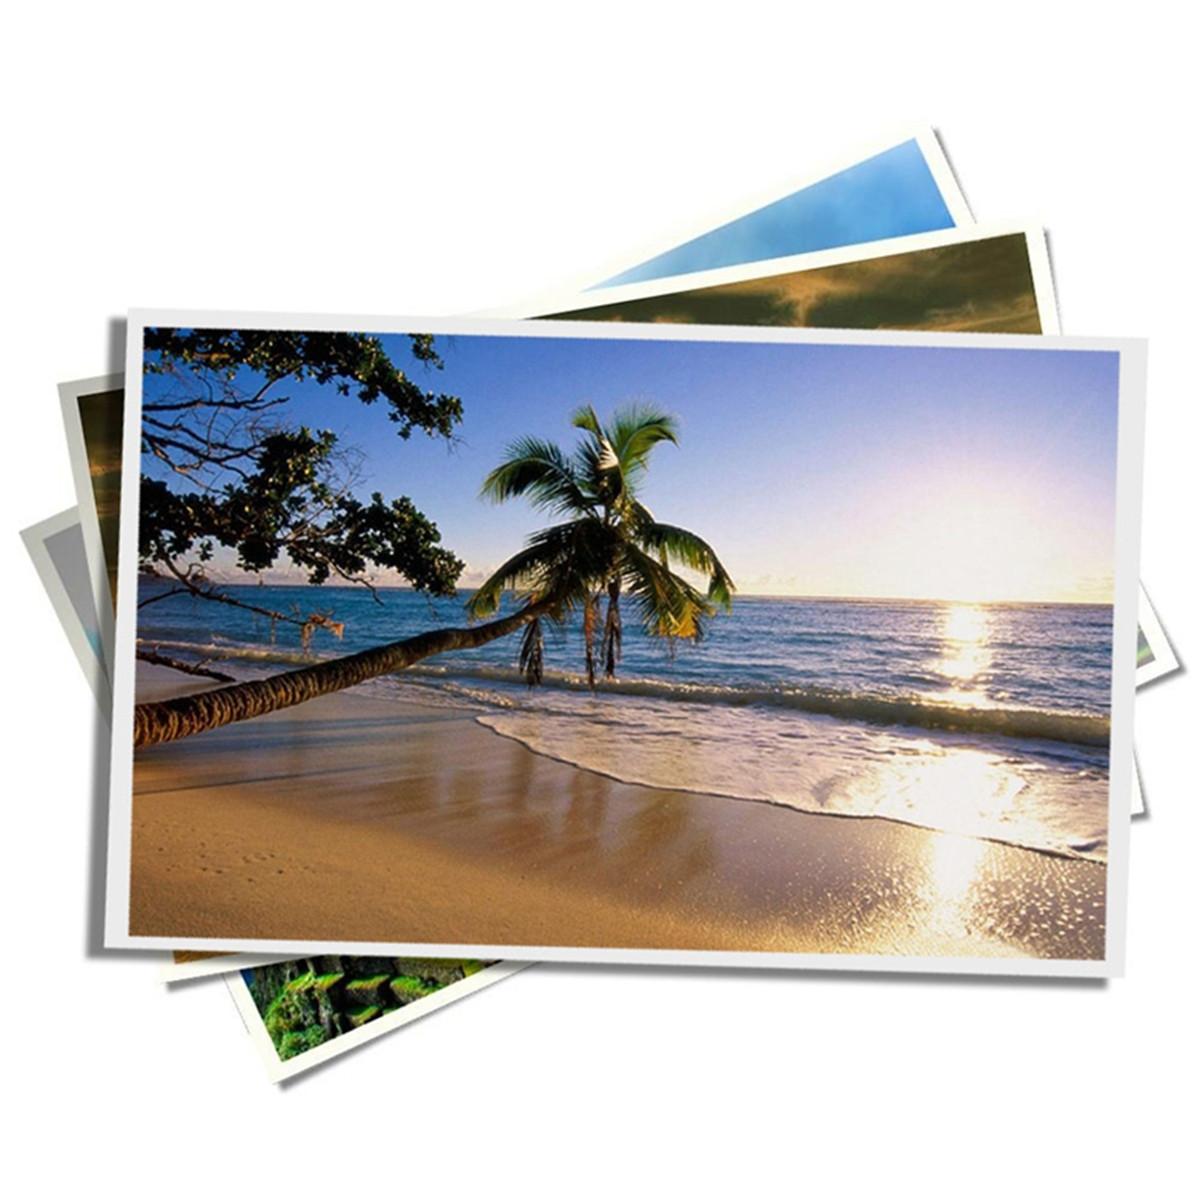 Papel Fotográfico Glossy Brilhante Adesivo   80g tamanho A4   Pacote com 20 folhas